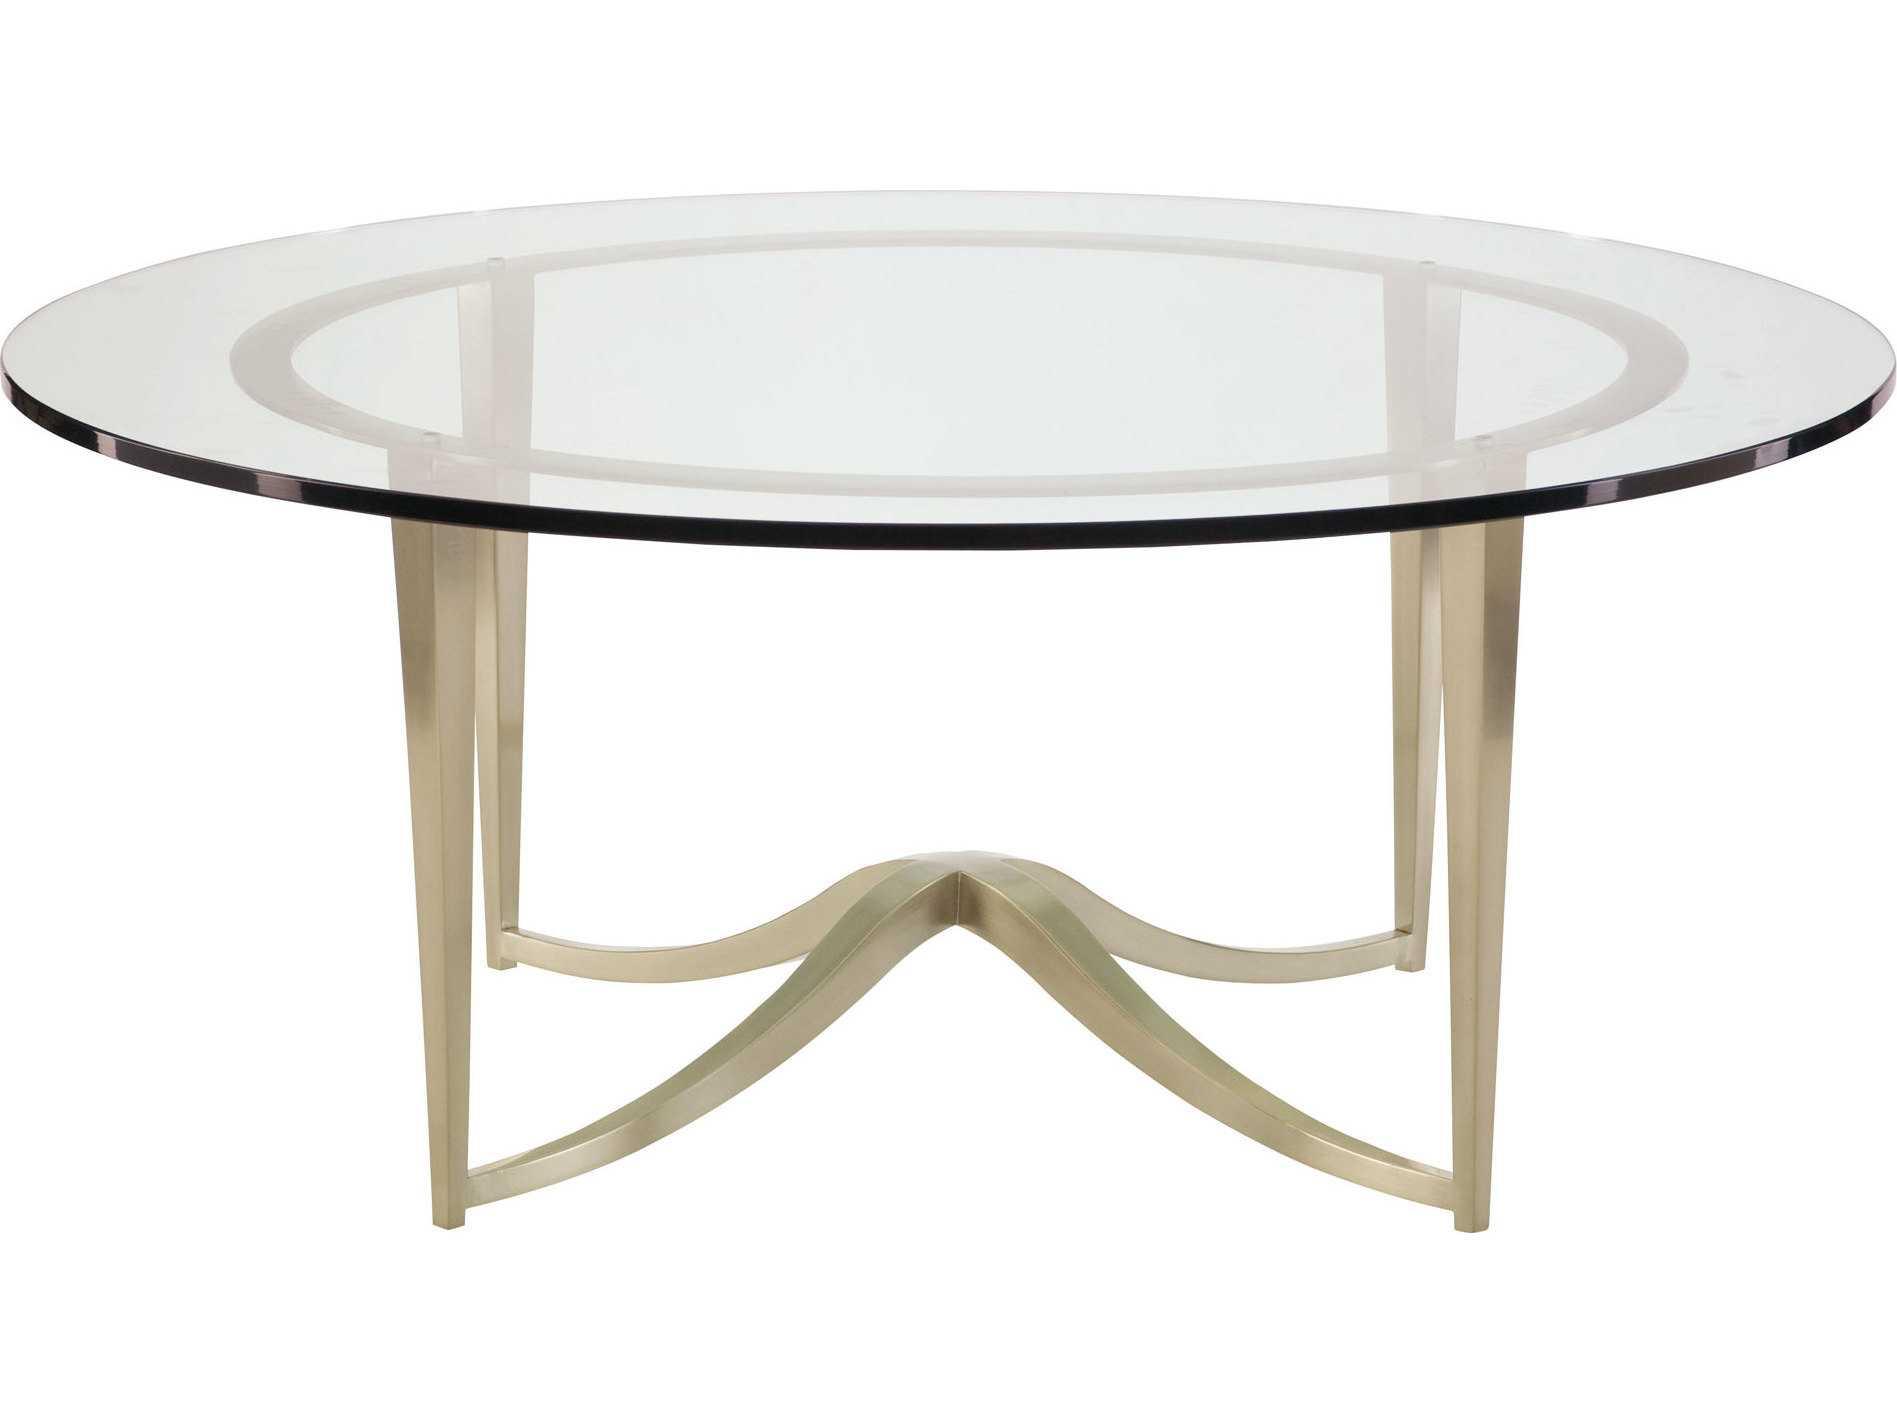 Bernhardt Miramont Argento 46 Wide Round Coffee Table